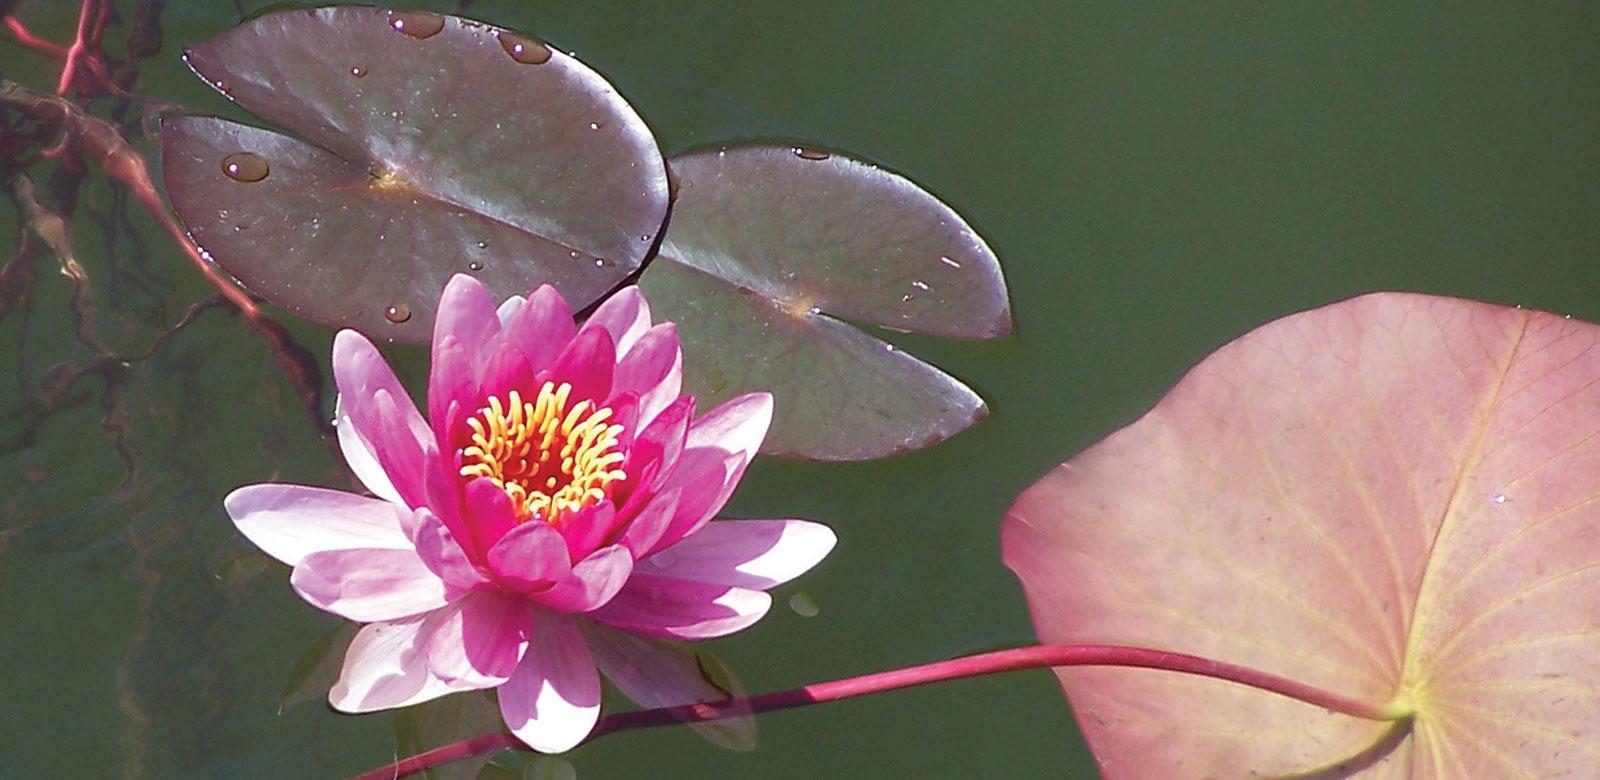 Développer son potentiel Nénuphar sur eau verte